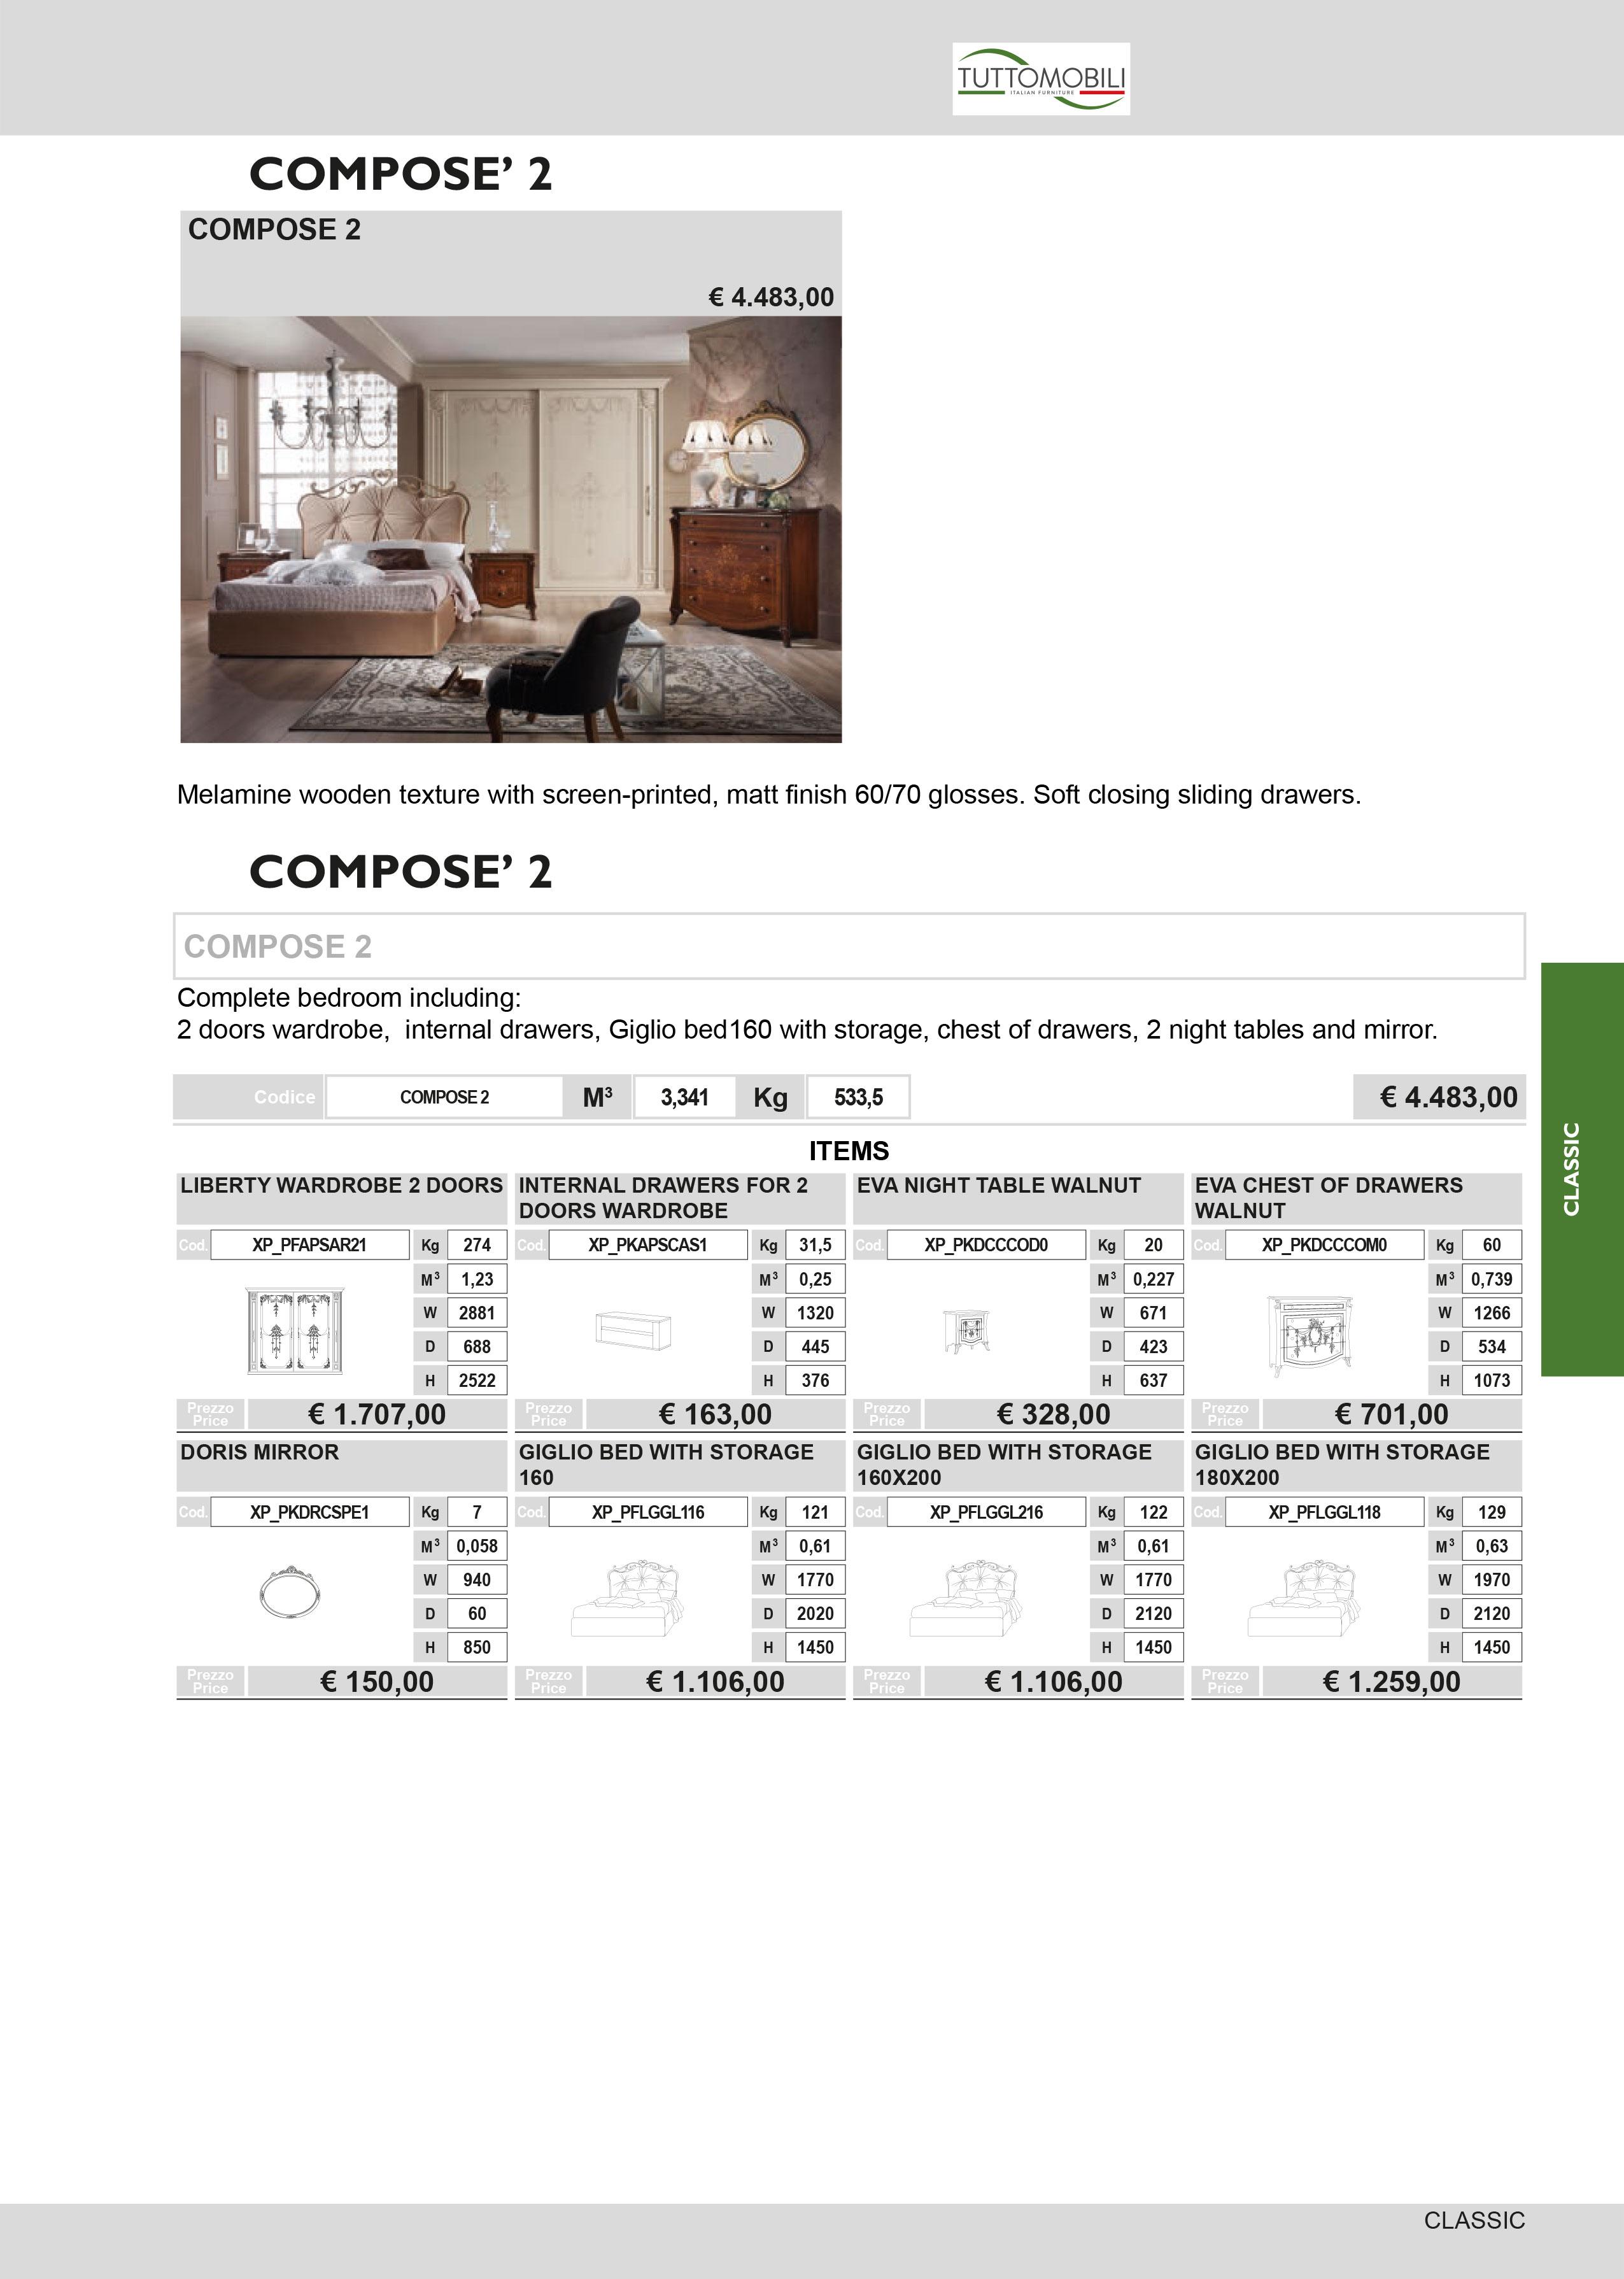 compose-2-schlafzimmer-preis